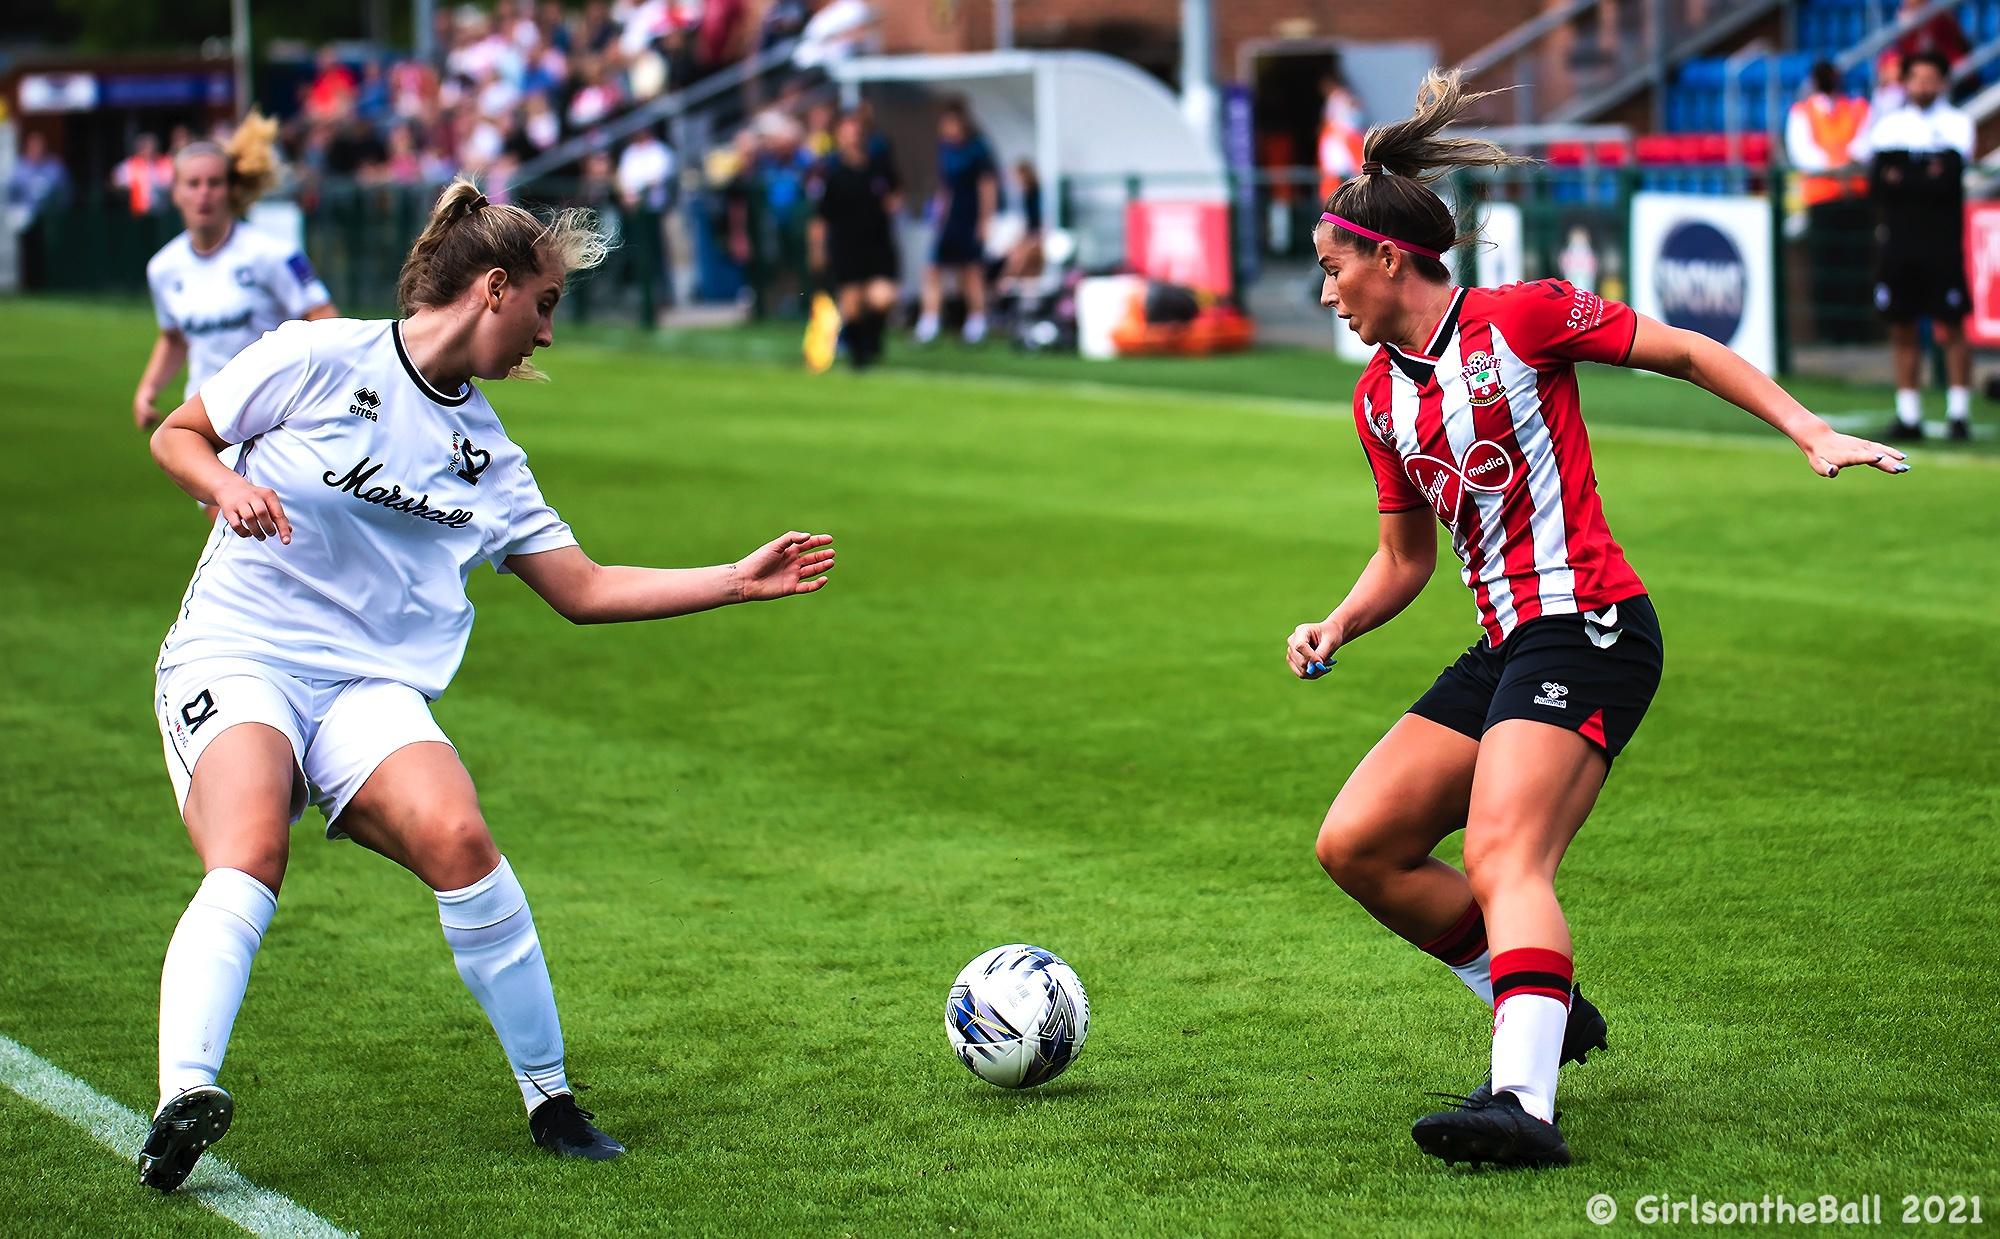 Southampton FC v MK Dons, FAWNL Southern Premier